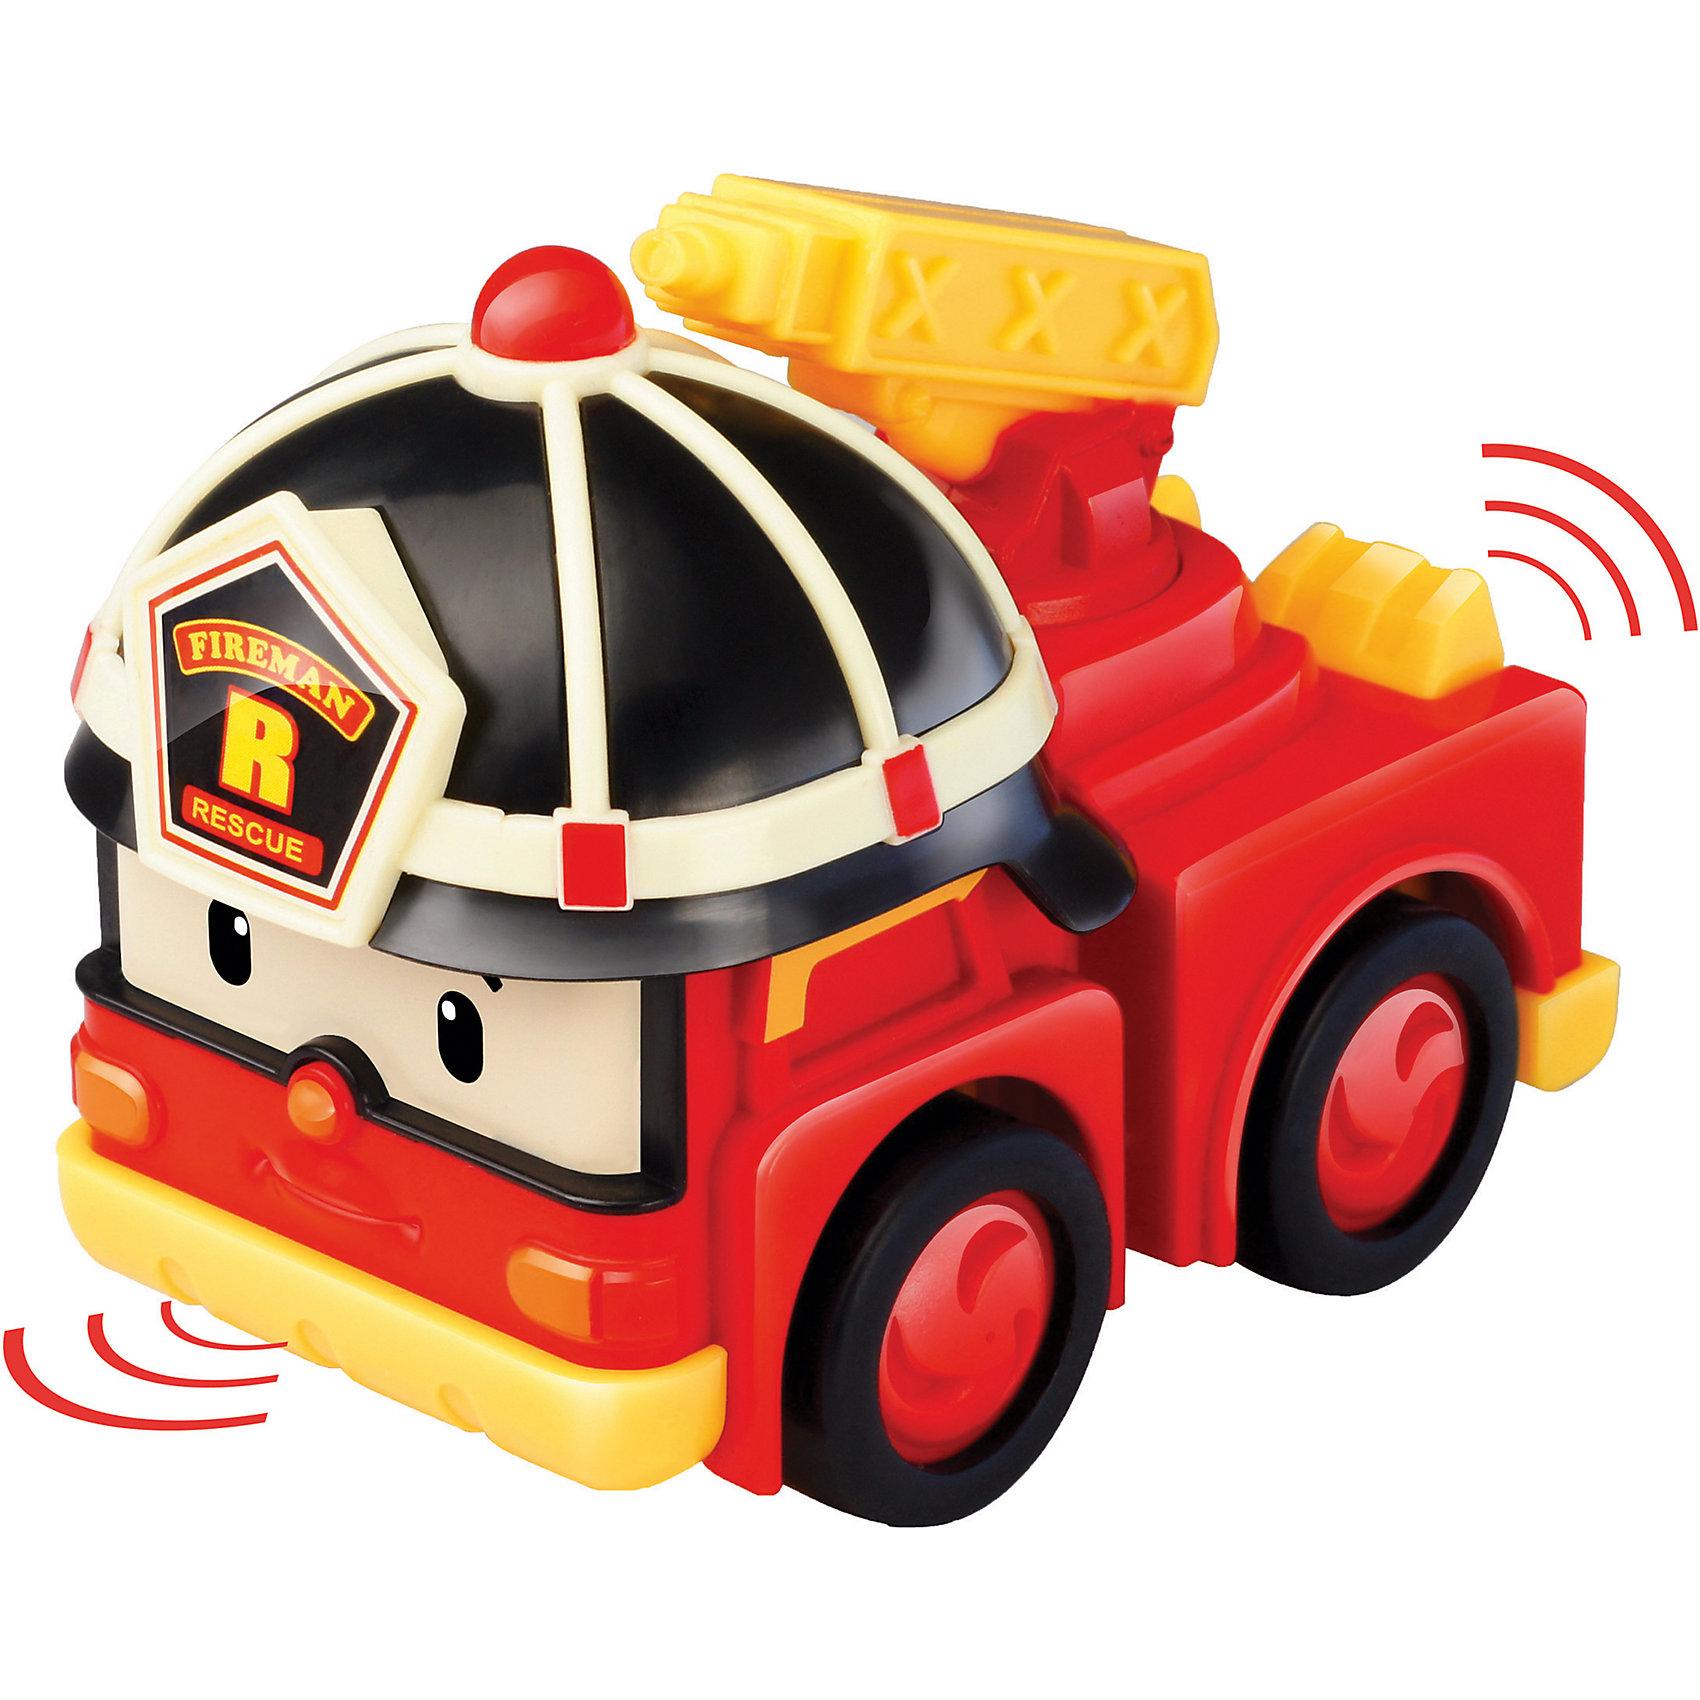 Умная машинка Рой, 6 см, Робокар ПолиРобокар Поли<br>Умная машинка Рой, 6 см, Робокар Поли выполняет важную работу по тушению пожаров и непременно полюбится Вашему малышу своим красочным видом и интересными возможностями! Эта машинка отличается от обычных тем, что является умной – она знает правила дорожного движения, может самостоятельно ехать по трекам всех игровых наборов серии «Робокар Поли», используя встроенный аккумулятор, а если перед ней возникнет препятствие, она останавливается за несколько сантиметров до него, предотвращая аварию.<br><br>Характеристики:<br>-Развивает: воображение, память, логическое мышление, мелкую моторику, речь, фантазию<br>-Игрушка выполнена из высококачественного пластика, с аккуратно обработанными краями, использованные красители не токсичны и гипоаллергенны<br>-Игрушка отлично подойдет как для игры по мотивам мультфильма «Робокар Поли», так и для придумывания новых историй<br>-Можно собрать всю коллекцию машин-спасателей (скорая помощь, пожарная машина, вертолет и полицейский) и разнообразить игры<br>-2 варианта движения машинки: инерционный или на основе встроенного аккумулятора (необходима станция подзарядки)<br><br>Дополнительная информация:<br>-Материалы: пластик<br>-Размеры в упаковке: 12х7х13 см<br>-Вес в упаковке: 102 г<br>-Размер машинки: 6 см<br>-Внимание! Станция подзарядки Energy station (Энерджи Стэйшн) покупается отдельно в составе игровых наборов-треков Умные машинки<br><br>Ребенок с интересом будет патрулировать улицы городка Брумстаун вместе с пожарной машинкой Рой, ехать по вызову на место пожара и тушить бушующее пламя!<br><br>Умную машинку Рой, 6 см, Робокар Поли можно купить в нашем магазине.<br><br>Ширина мм: 120<br>Глубина мм: 70<br>Высота мм: 130<br>Вес г: 102<br>Возраст от месяцев: 36<br>Возраст до месяцев: 84<br>Пол: Унисекс<br>Возраст: Детский<br>SKU: 4281695